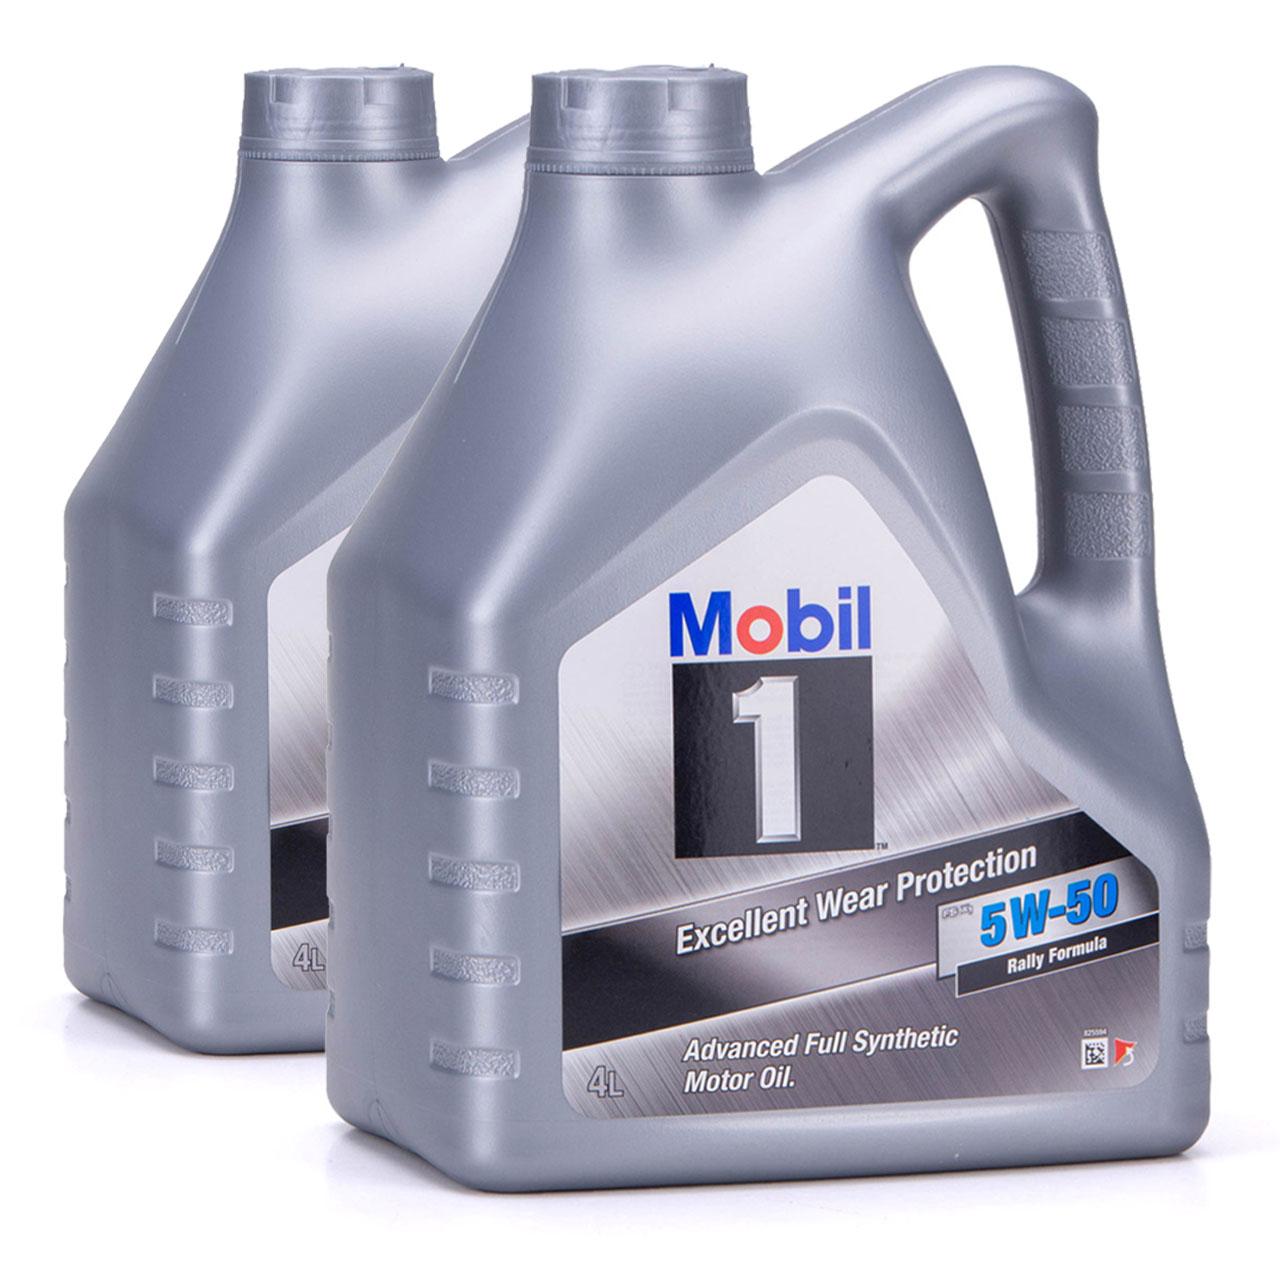 Mobil 1 FS X1 Motoröl Öl 5W-50 5W50 PORSCHE A40 MB 229.3 / 229.1 - 8L 8 Liter